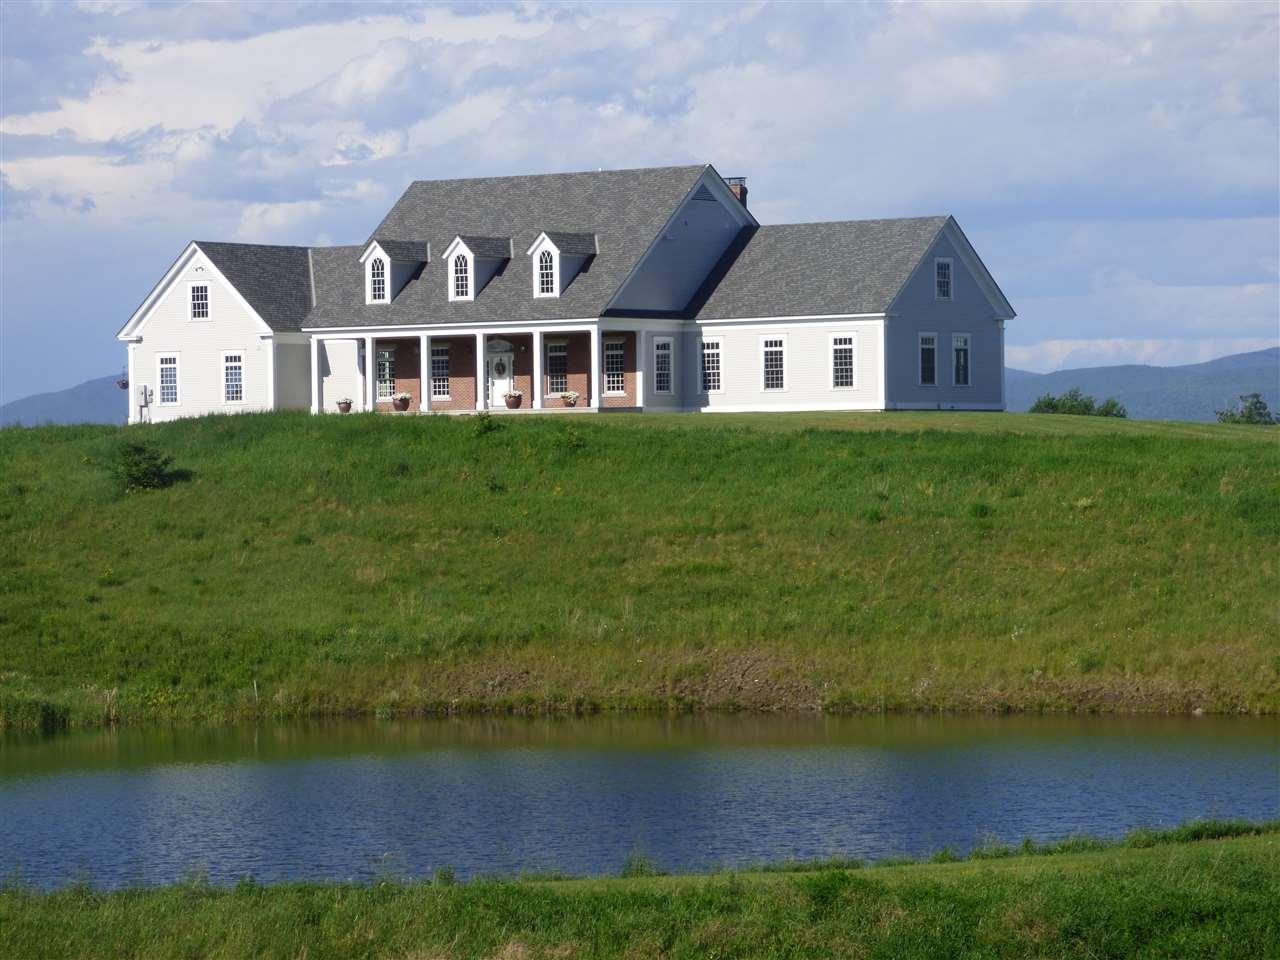 Lyndon VTHorse Farm | Property  on other